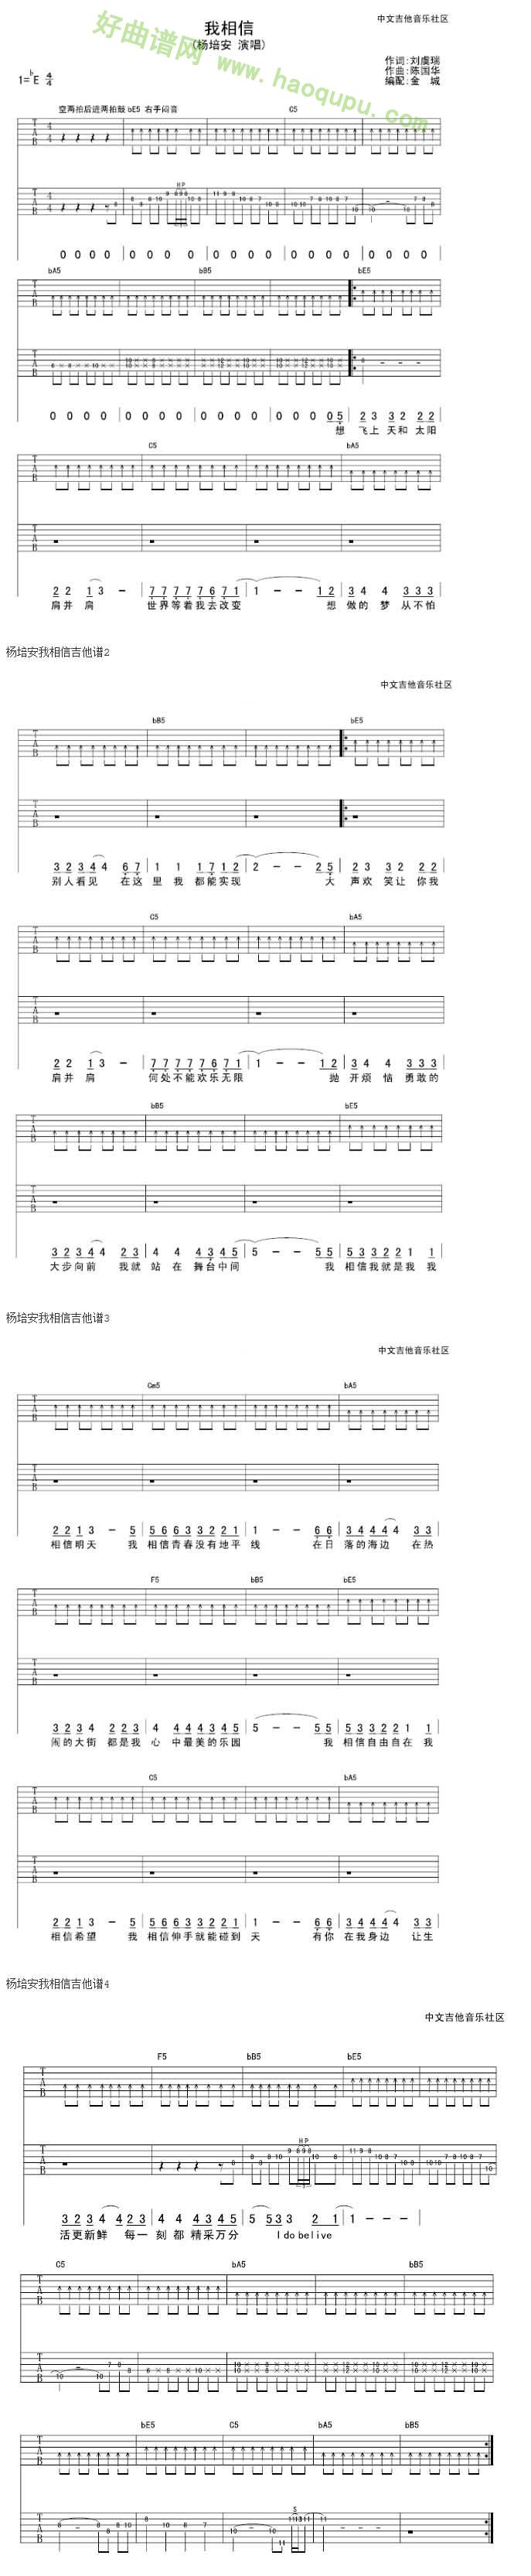 《我相信》 - 吉他谱_吉他曲谱_吉他歌谱 - 好曲谱网